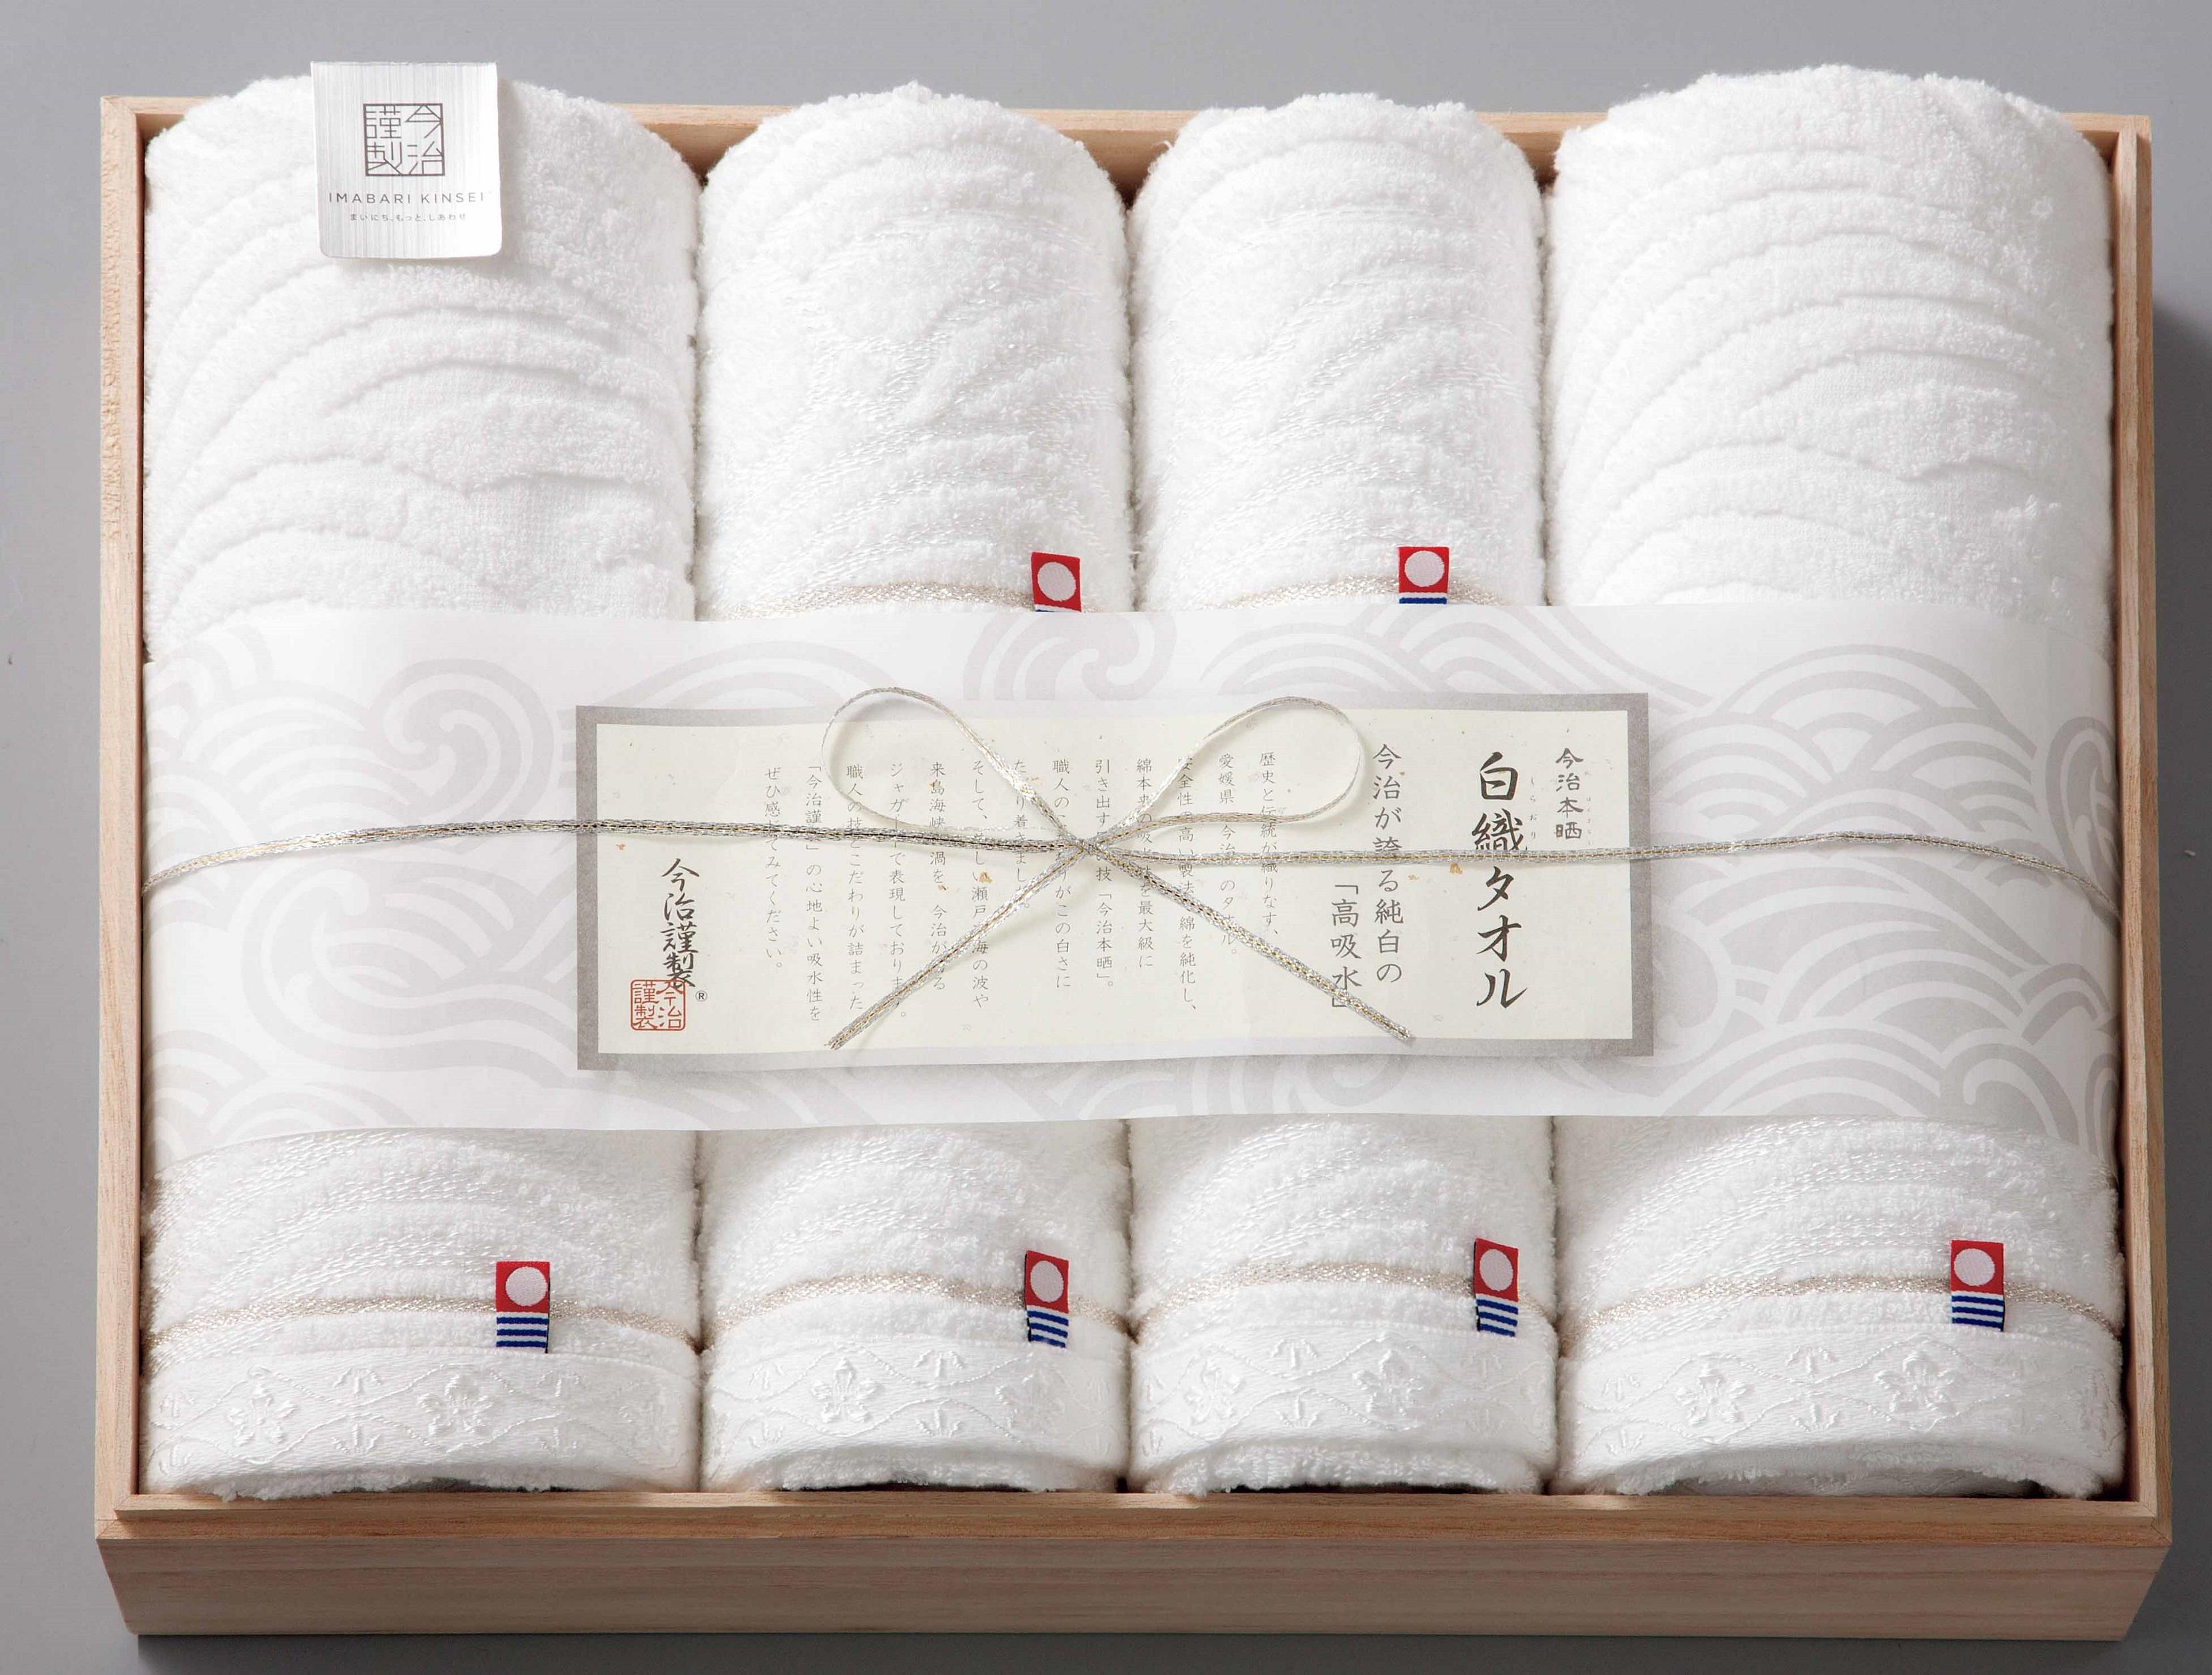 返品不可 高級感のあるジャガード織タオルが木箱入り 今治謹製 白織タオル 舗 SR9039 木箱入りタオルセット